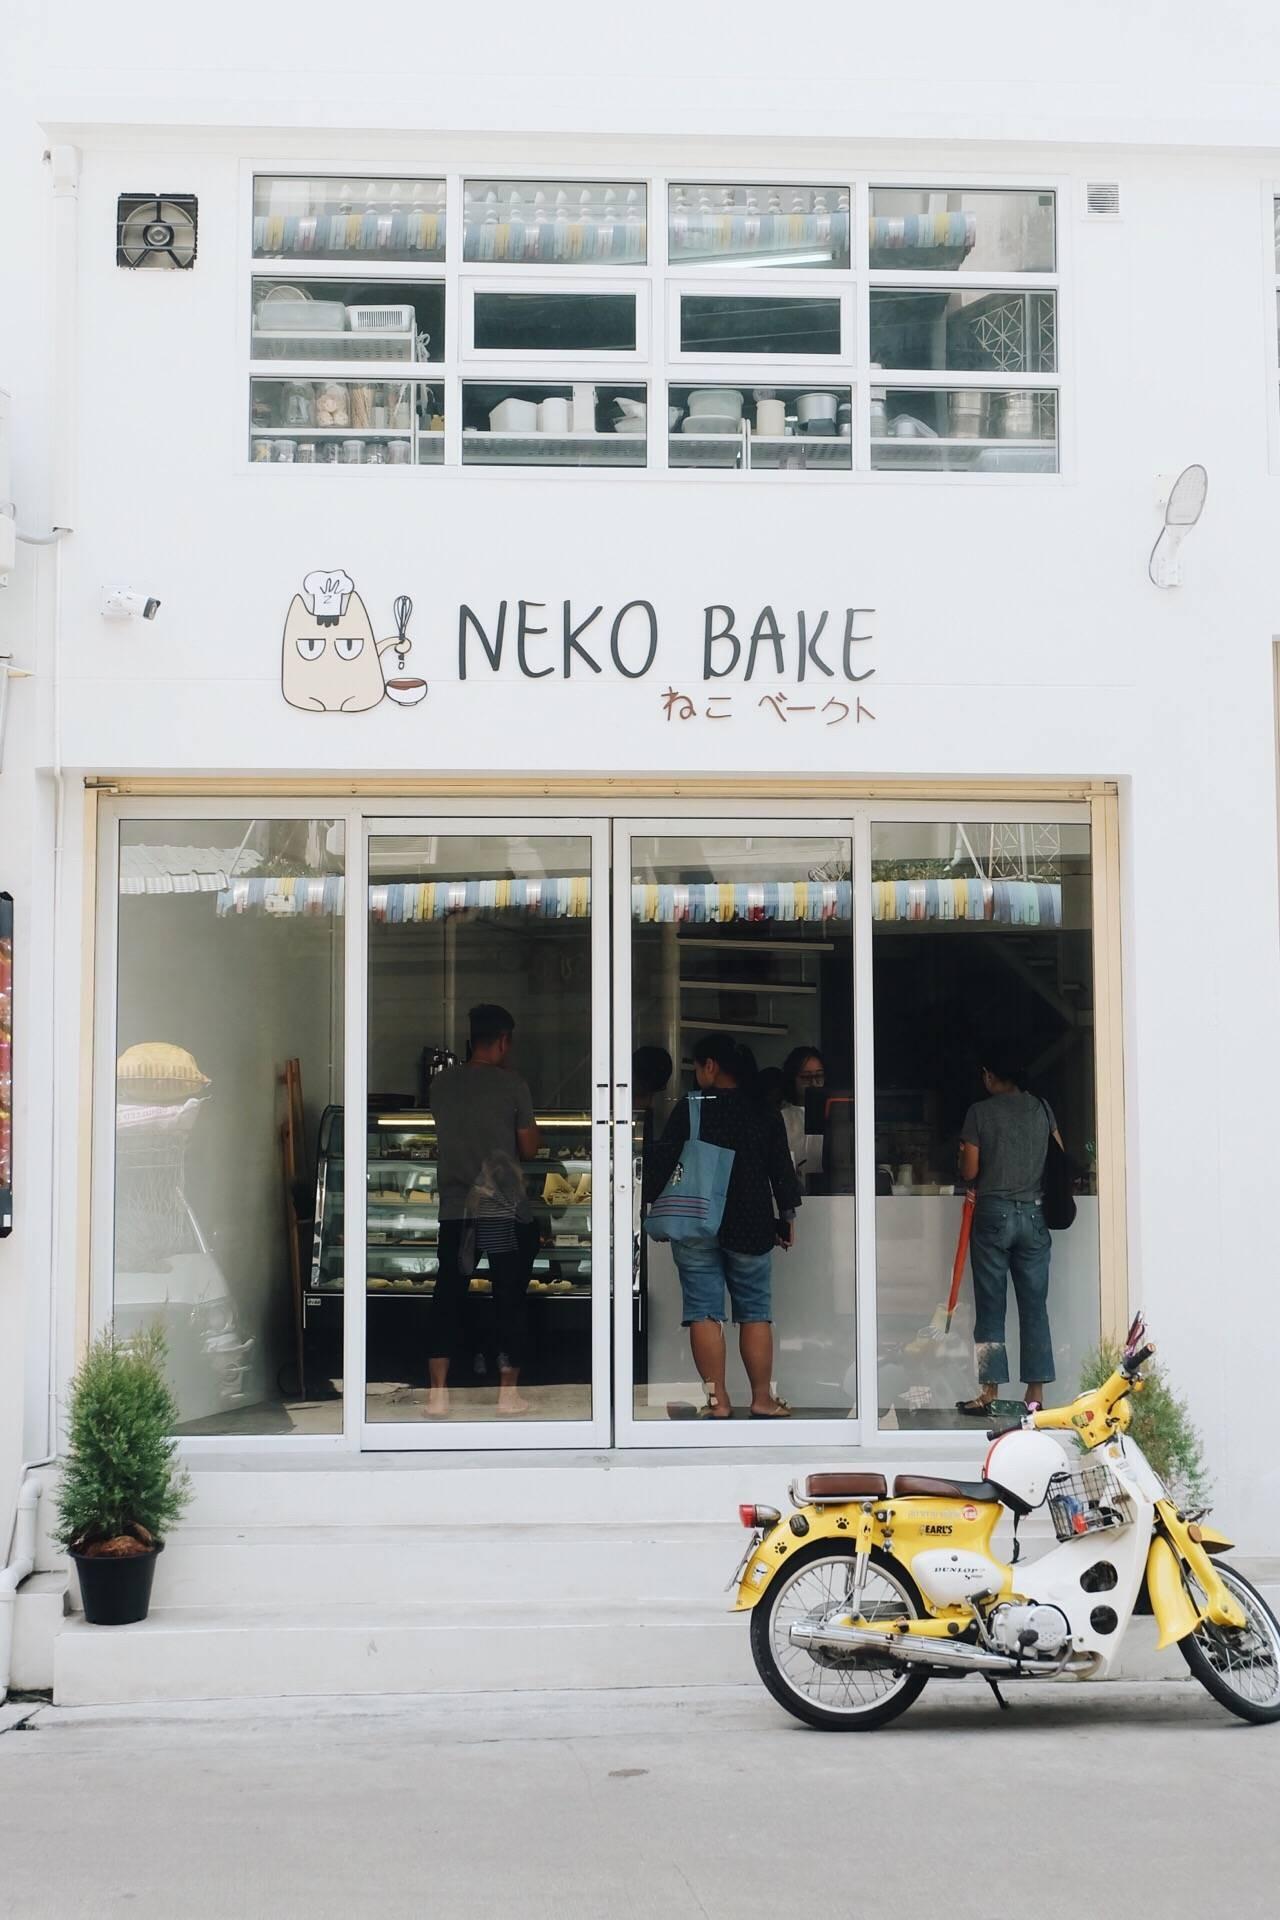 NEKO Bake